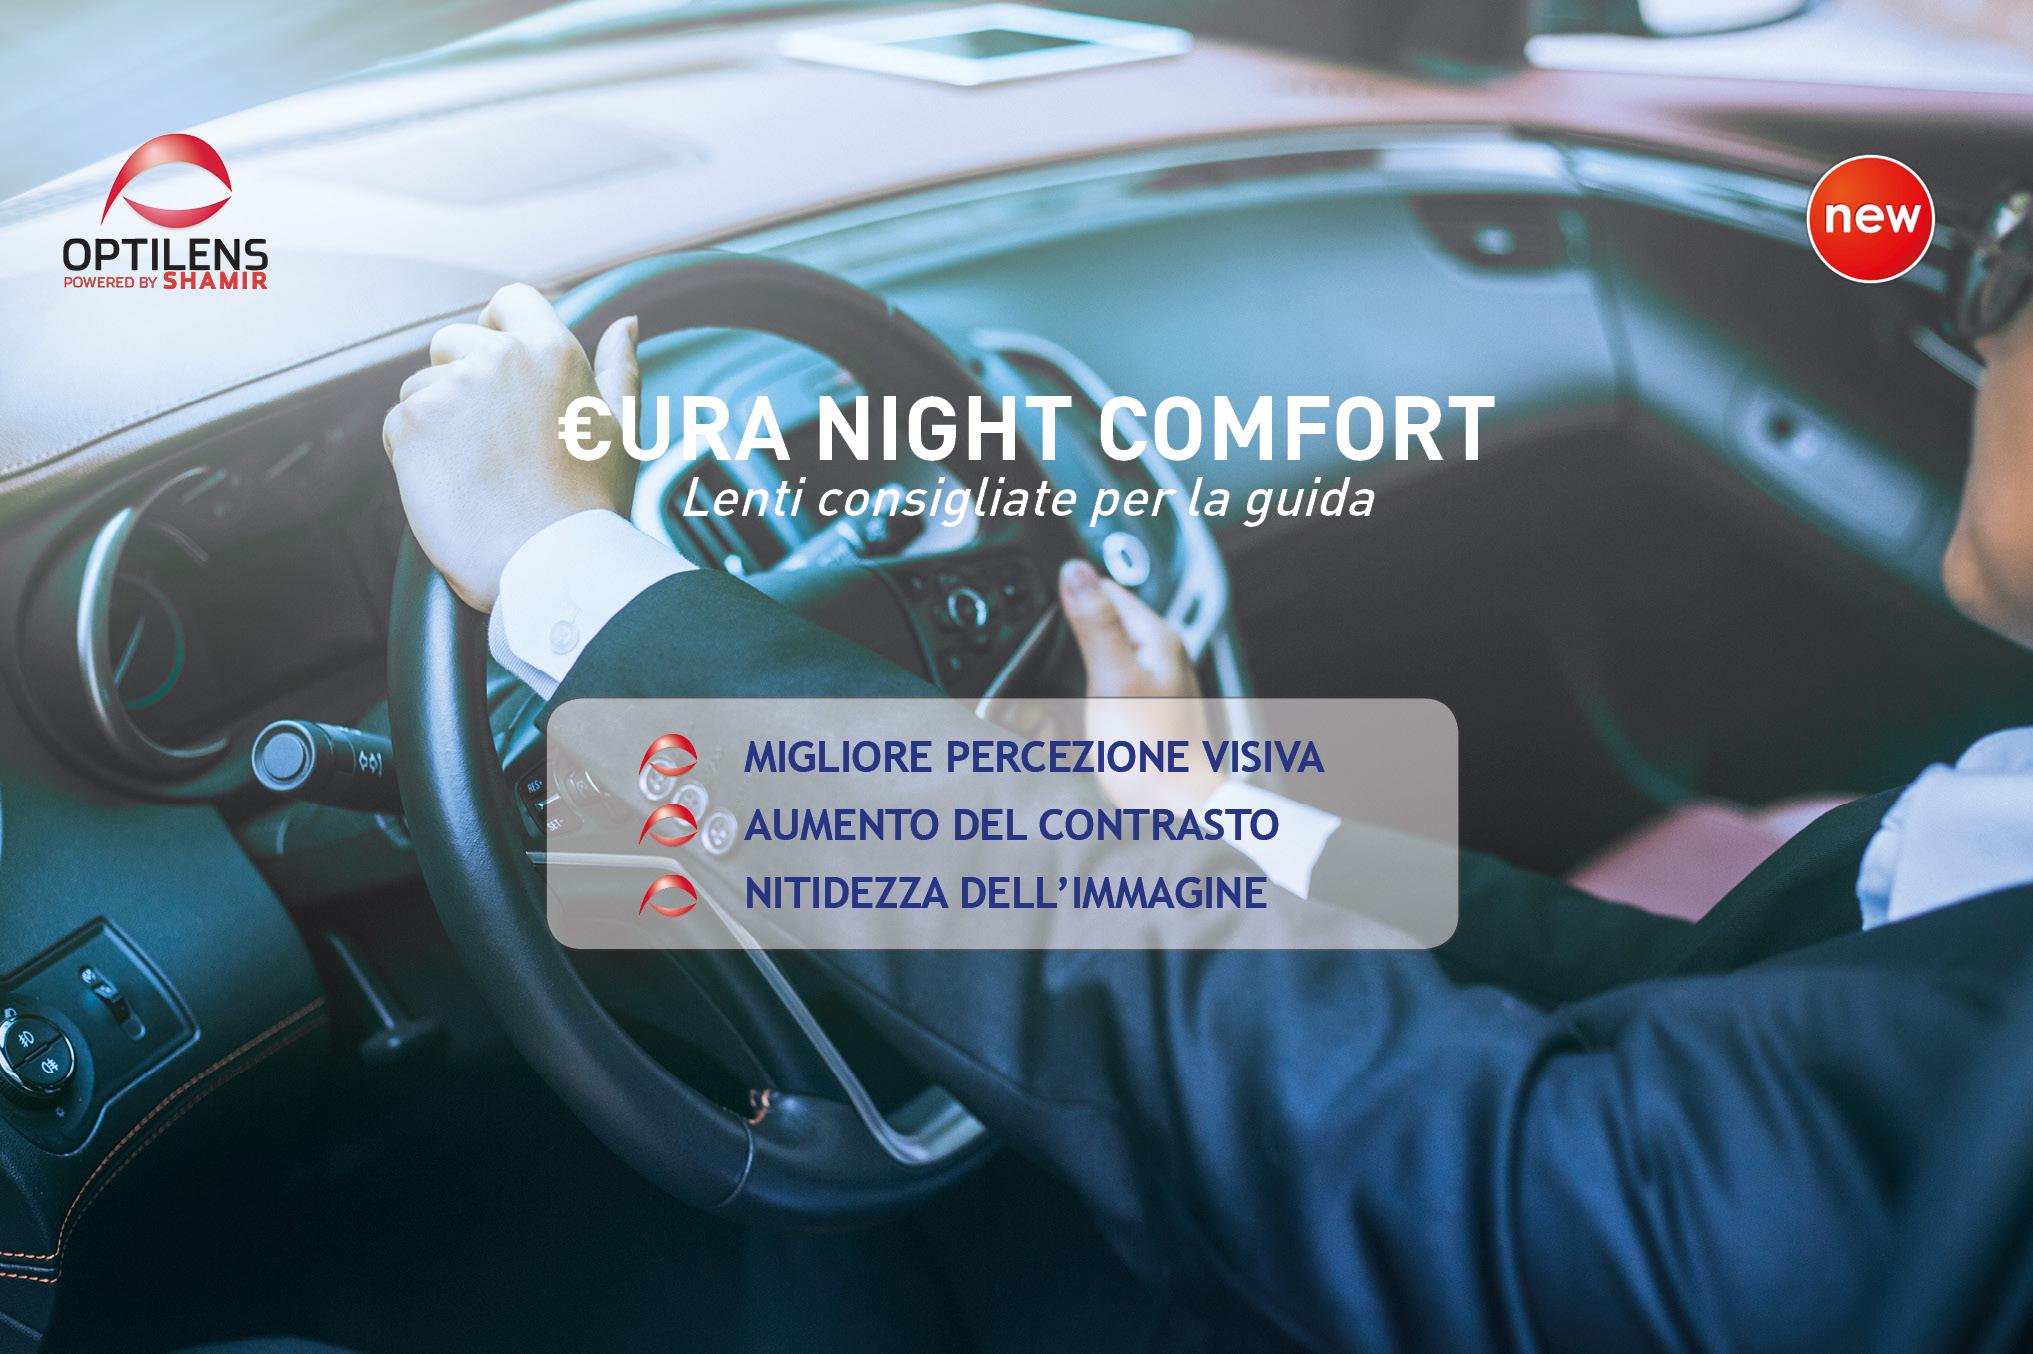 €URA NIGHT COMFORT <br/>